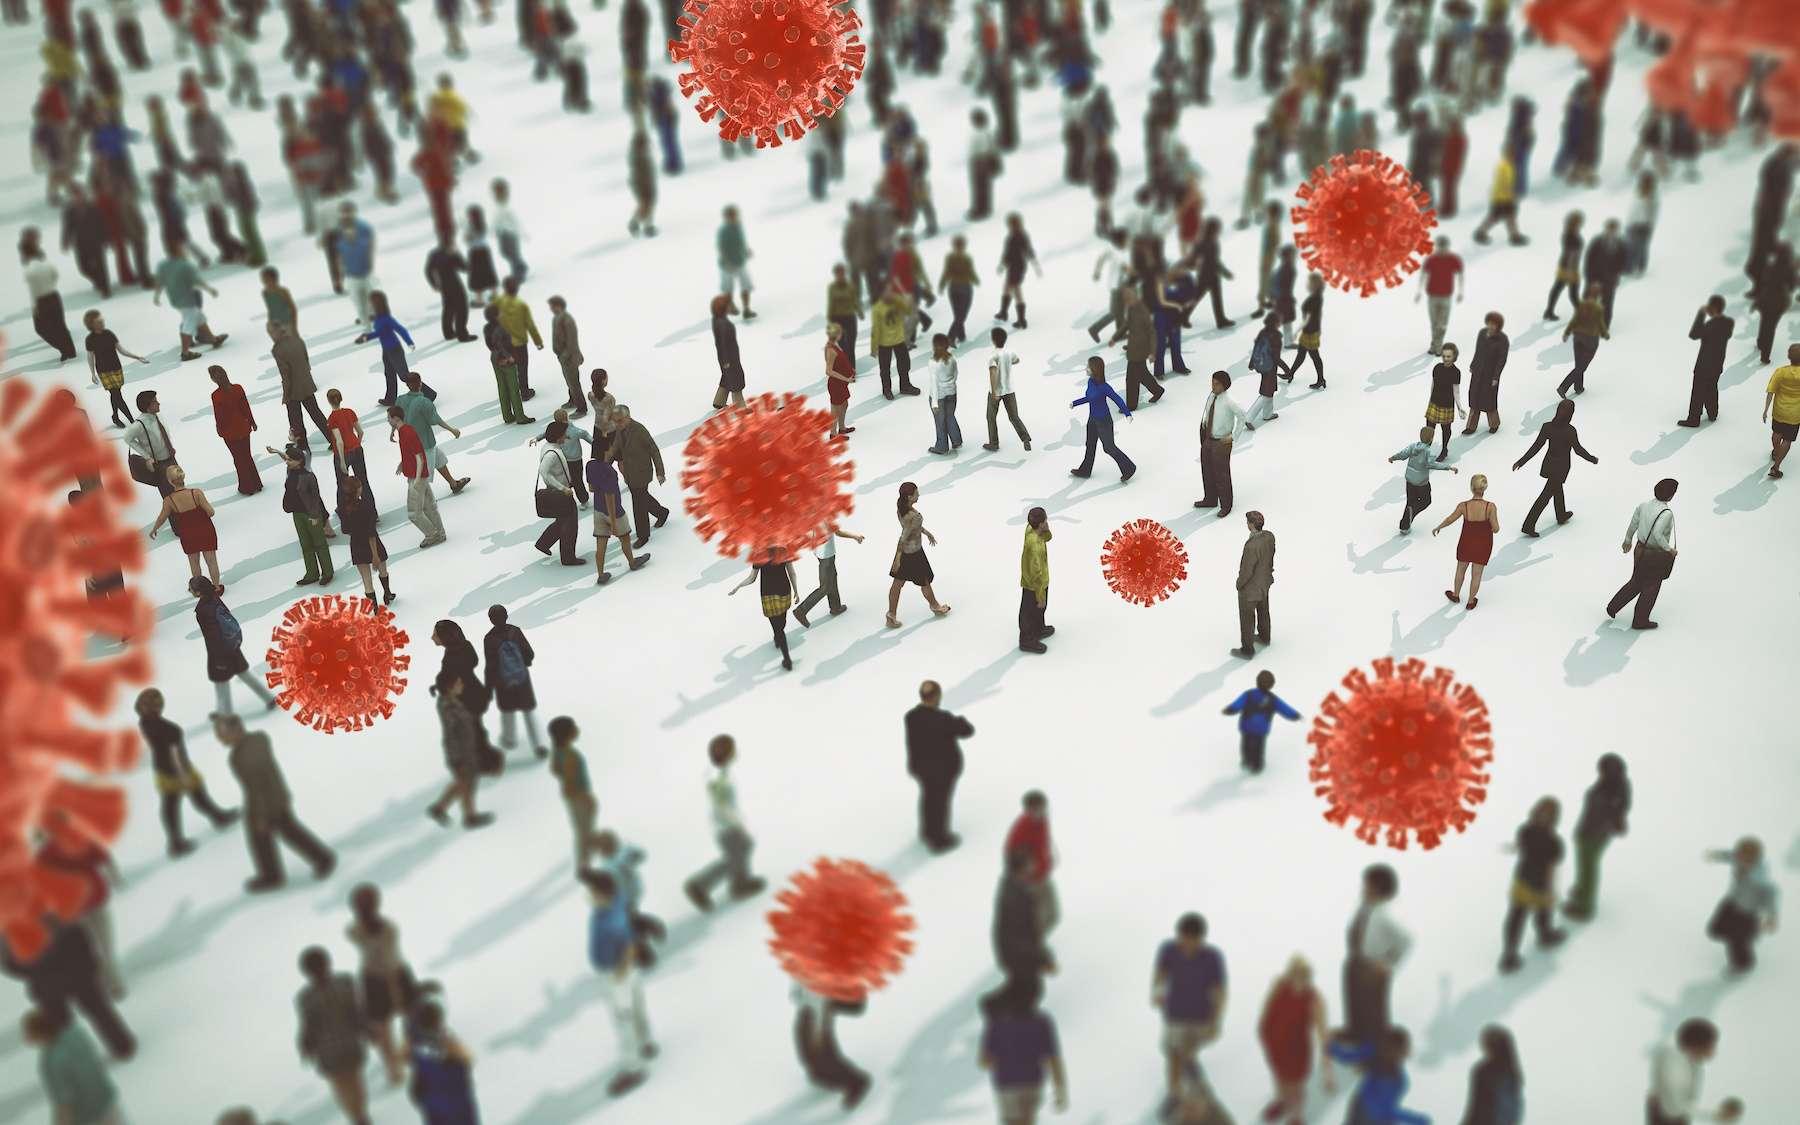 Le vaccin réduit le risque d'être infecté par le coronavirus. © alphaspirit, Adobe Stock